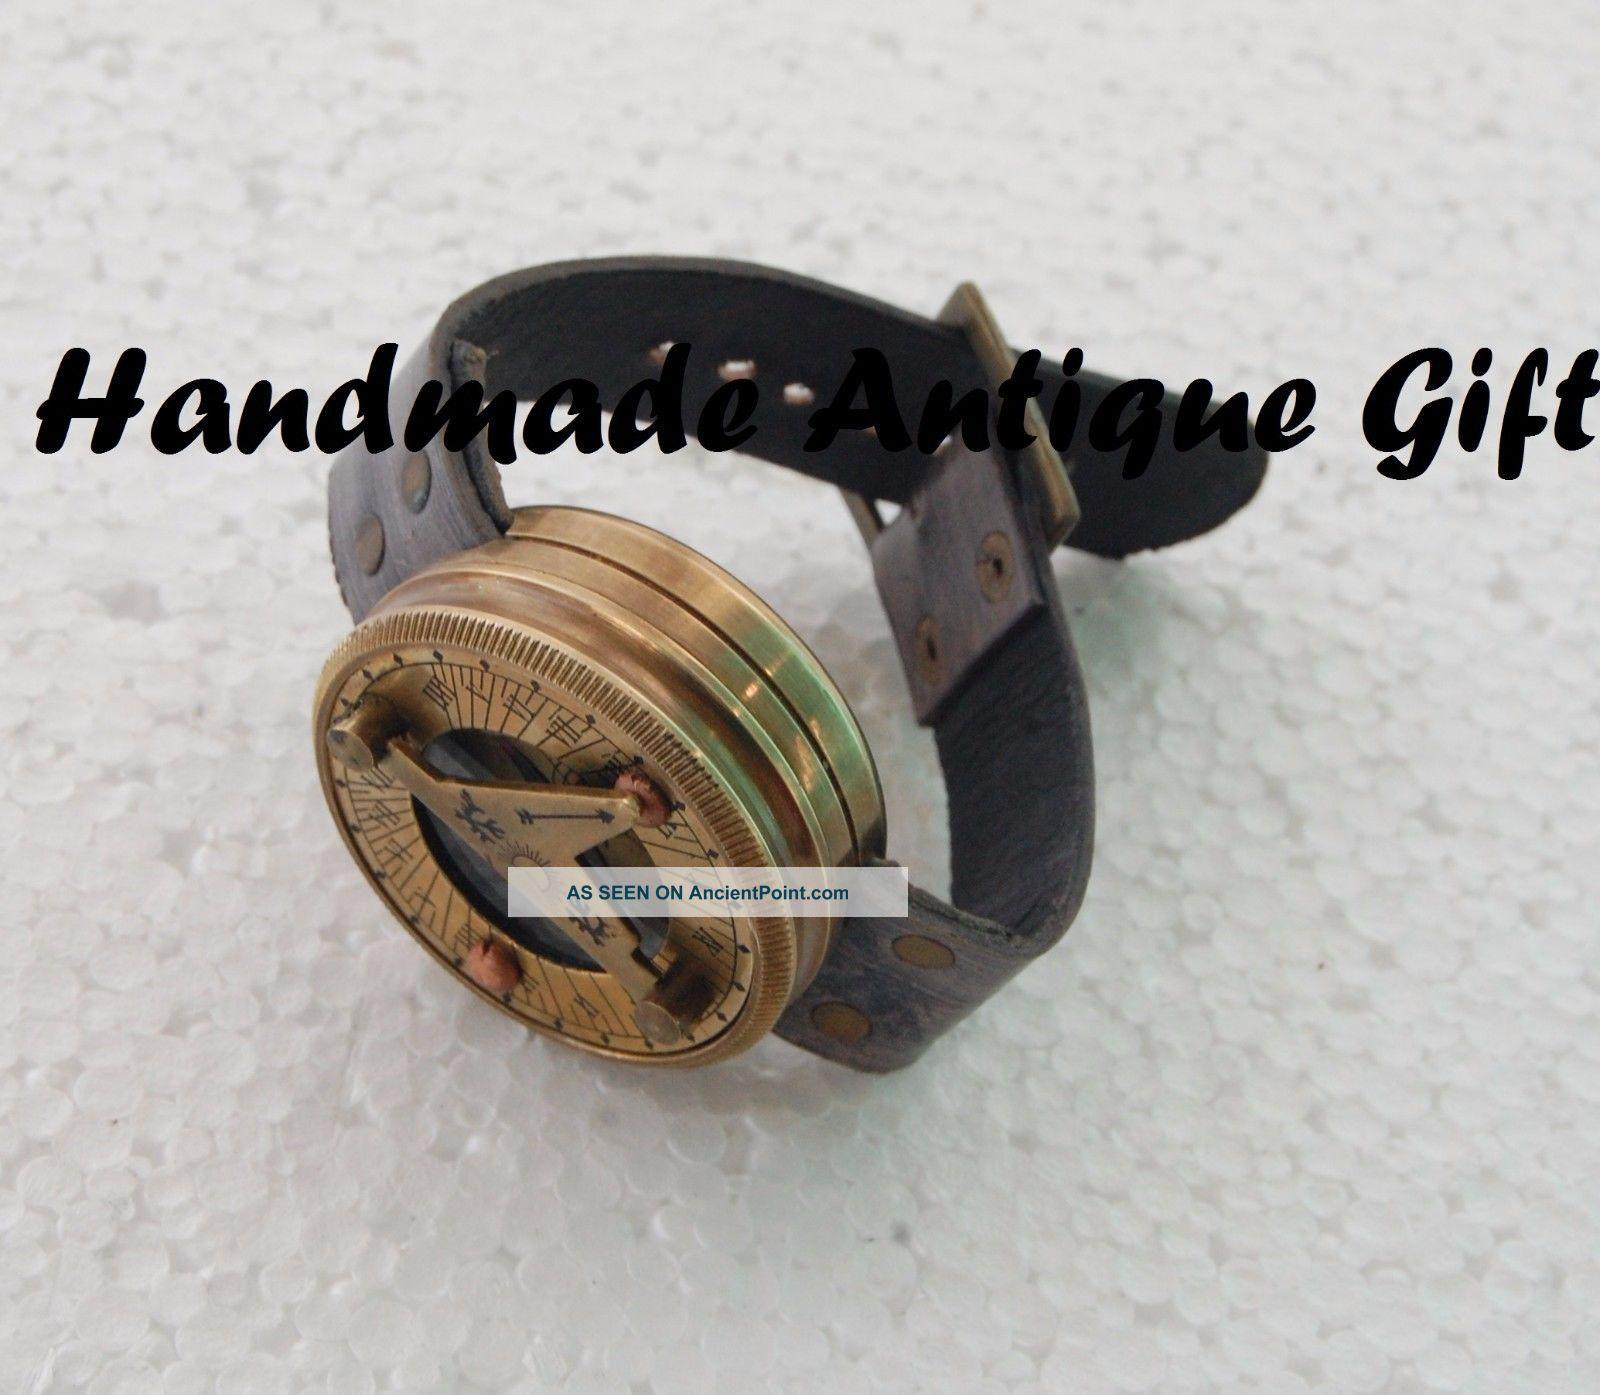 Brass Wrist Watch Maritime Marine Compass Sundial Compass Brass Compass Gift Compasses photo